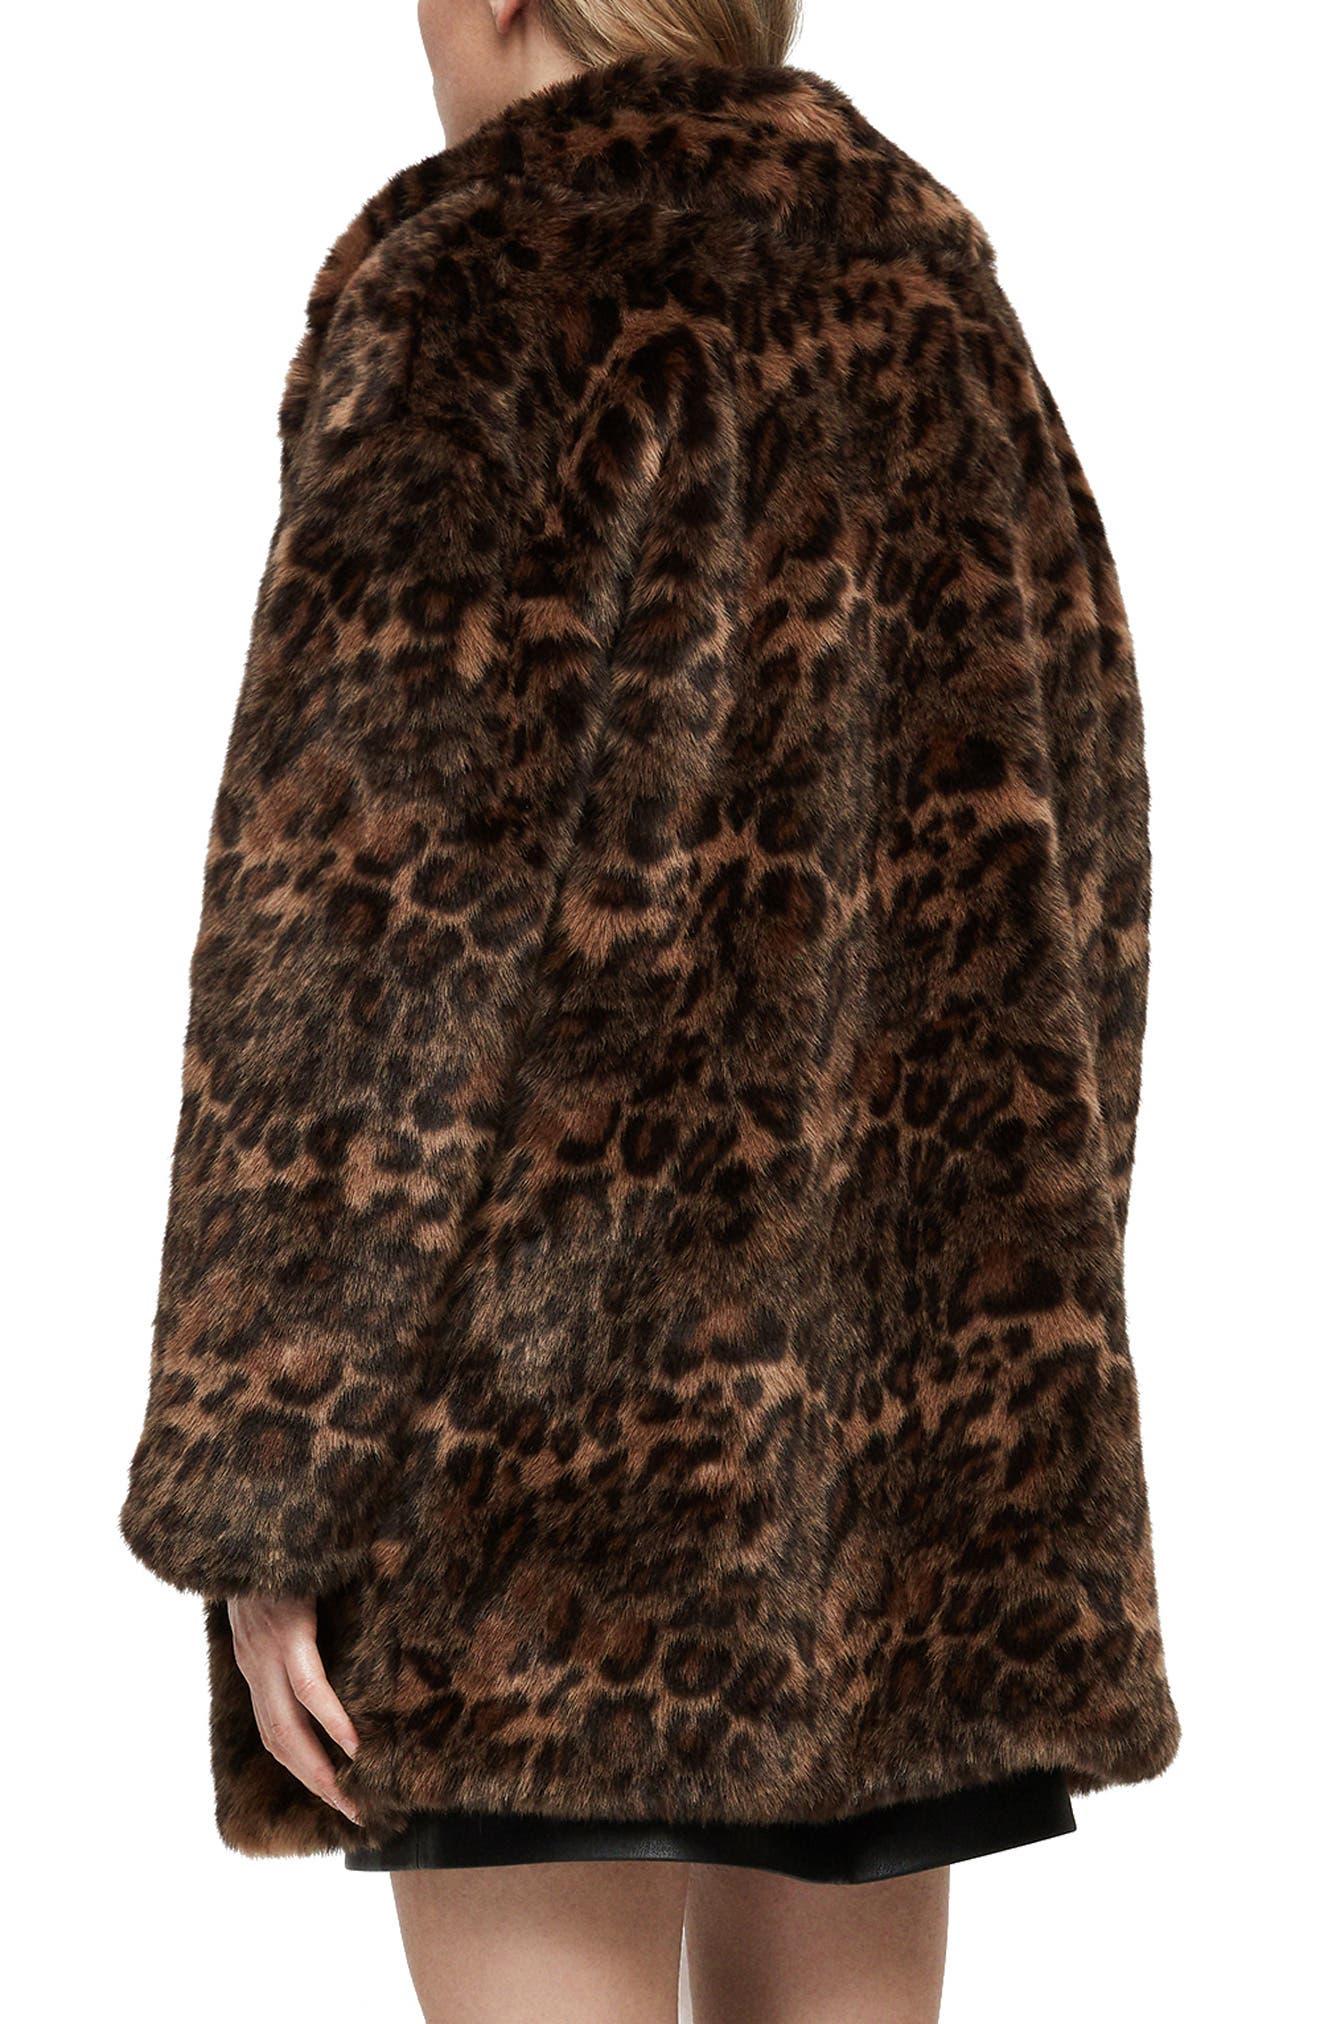 ALLSAINTS, Amice Leopard Spot Faux Fur Jacket, Alternate thumbnail 2, color, 200